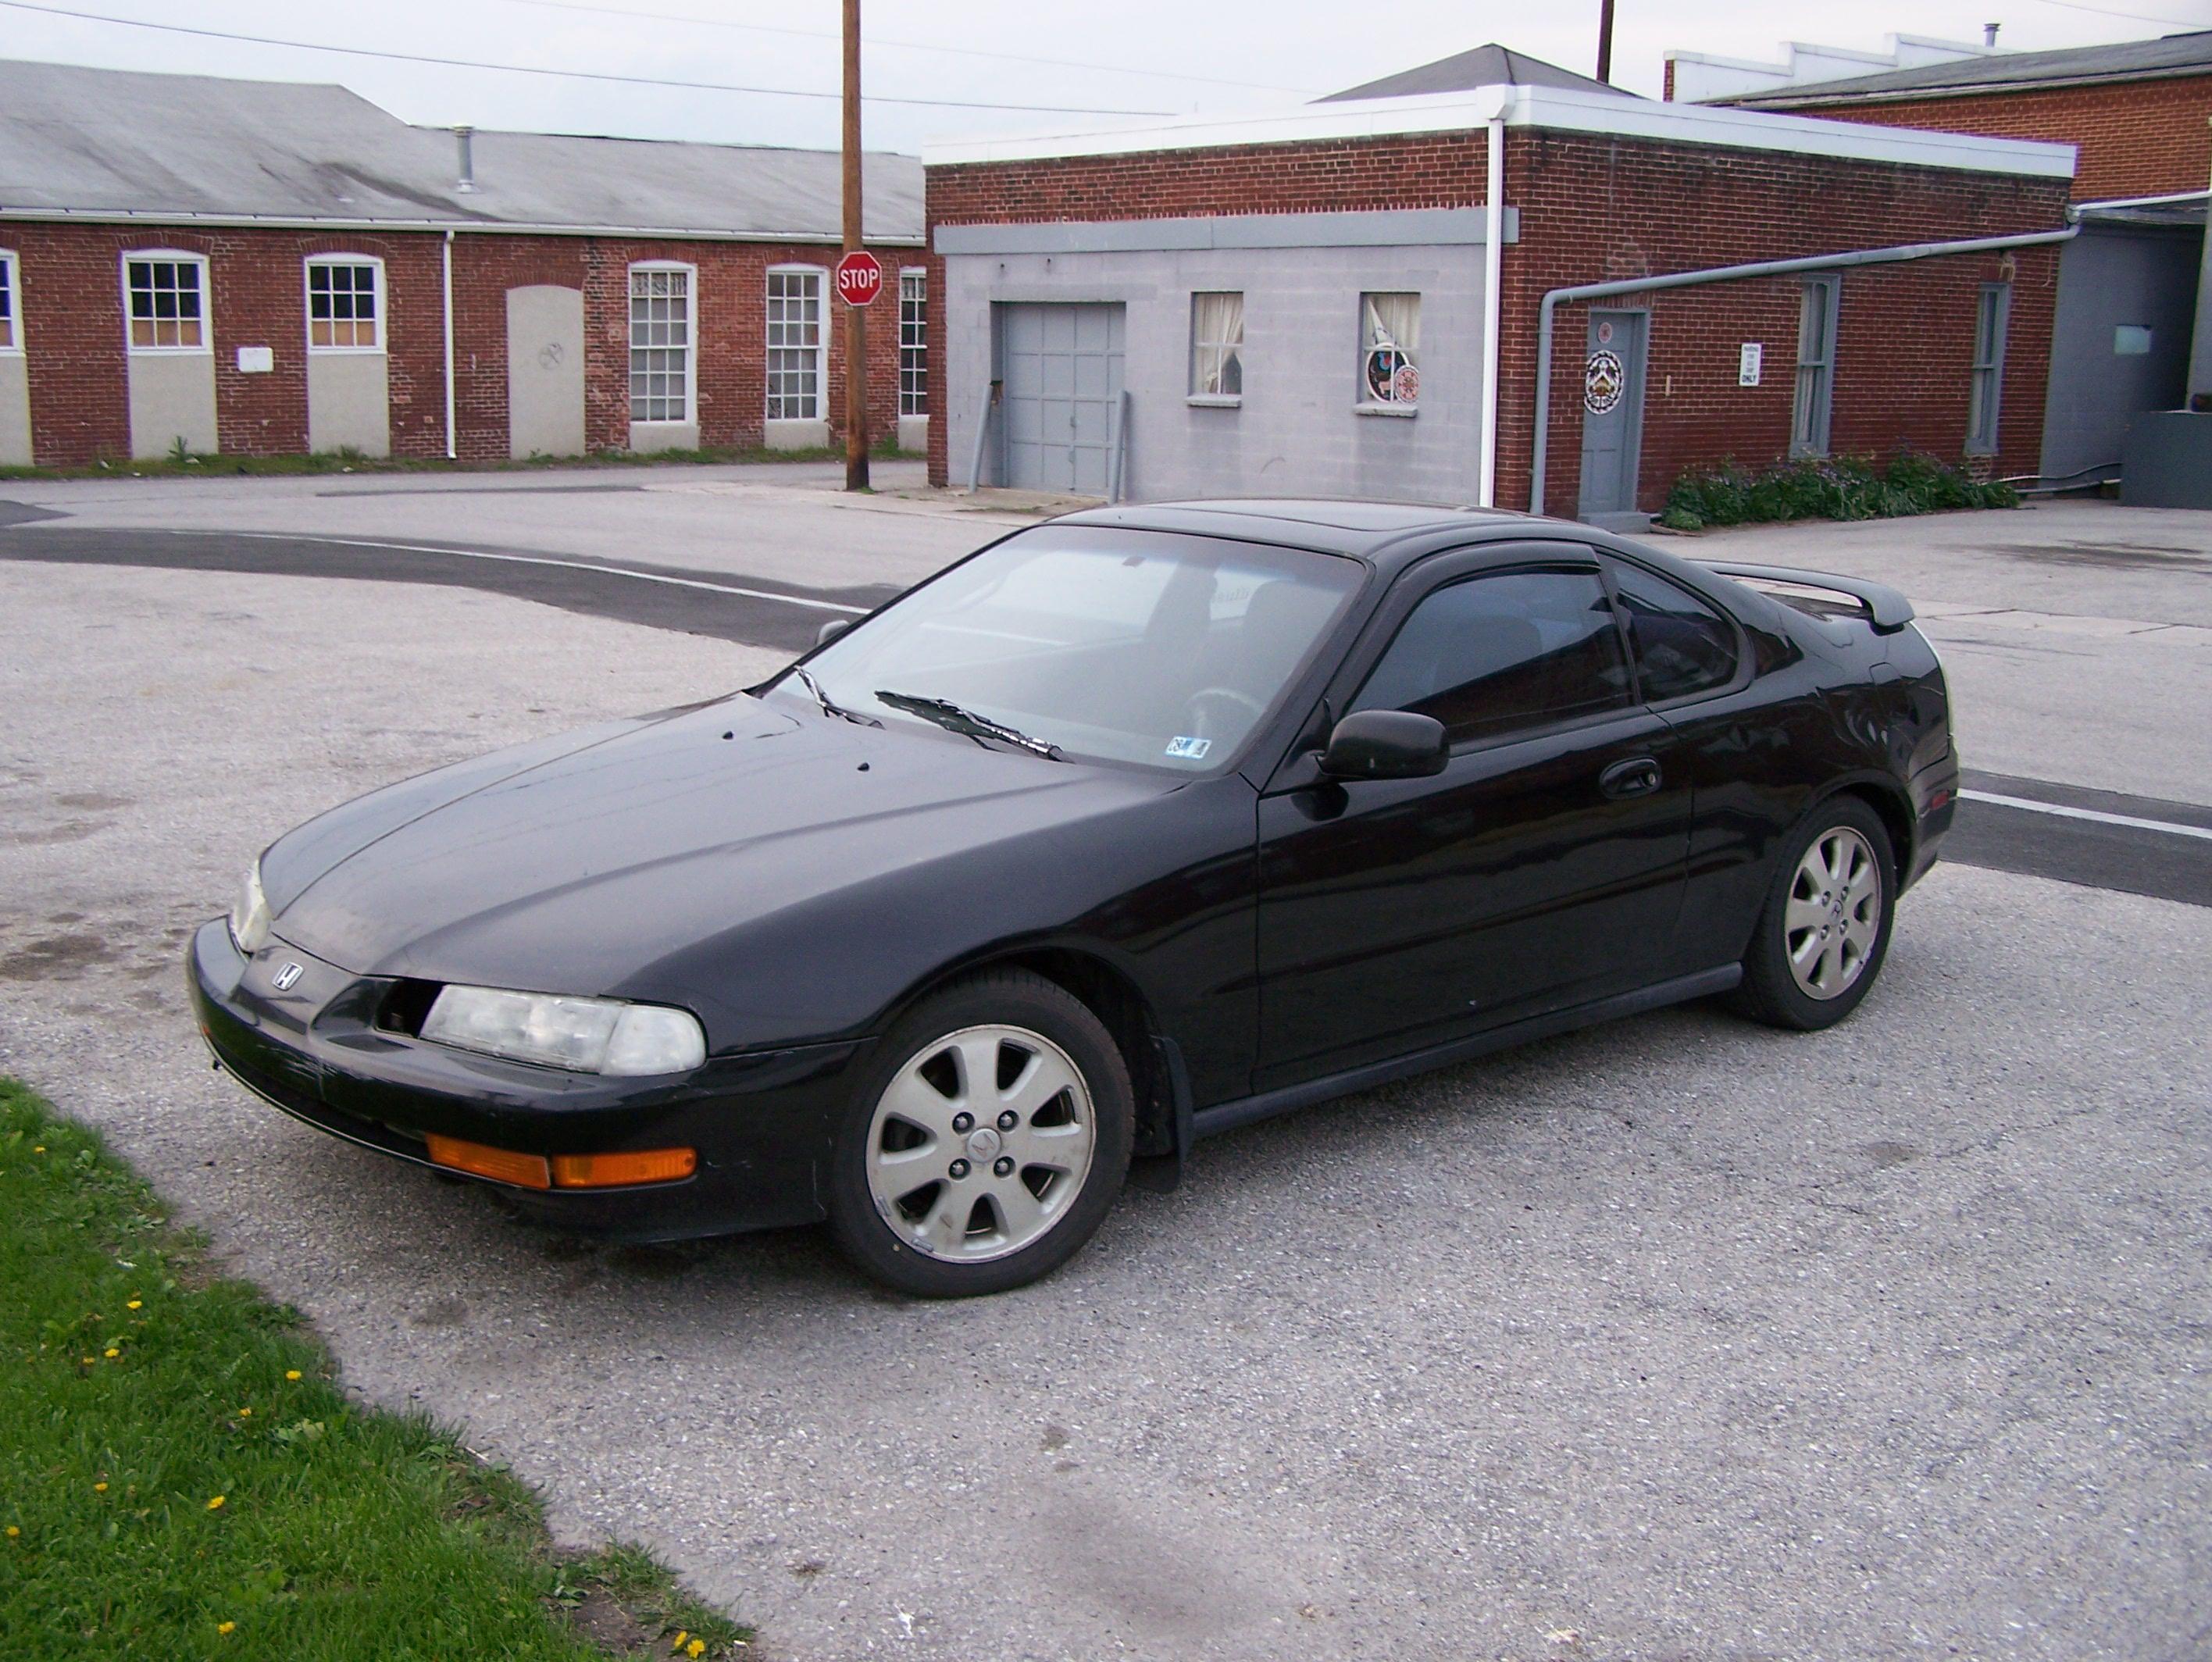 1992 Honda Prelude #3 Honda Prelude #3